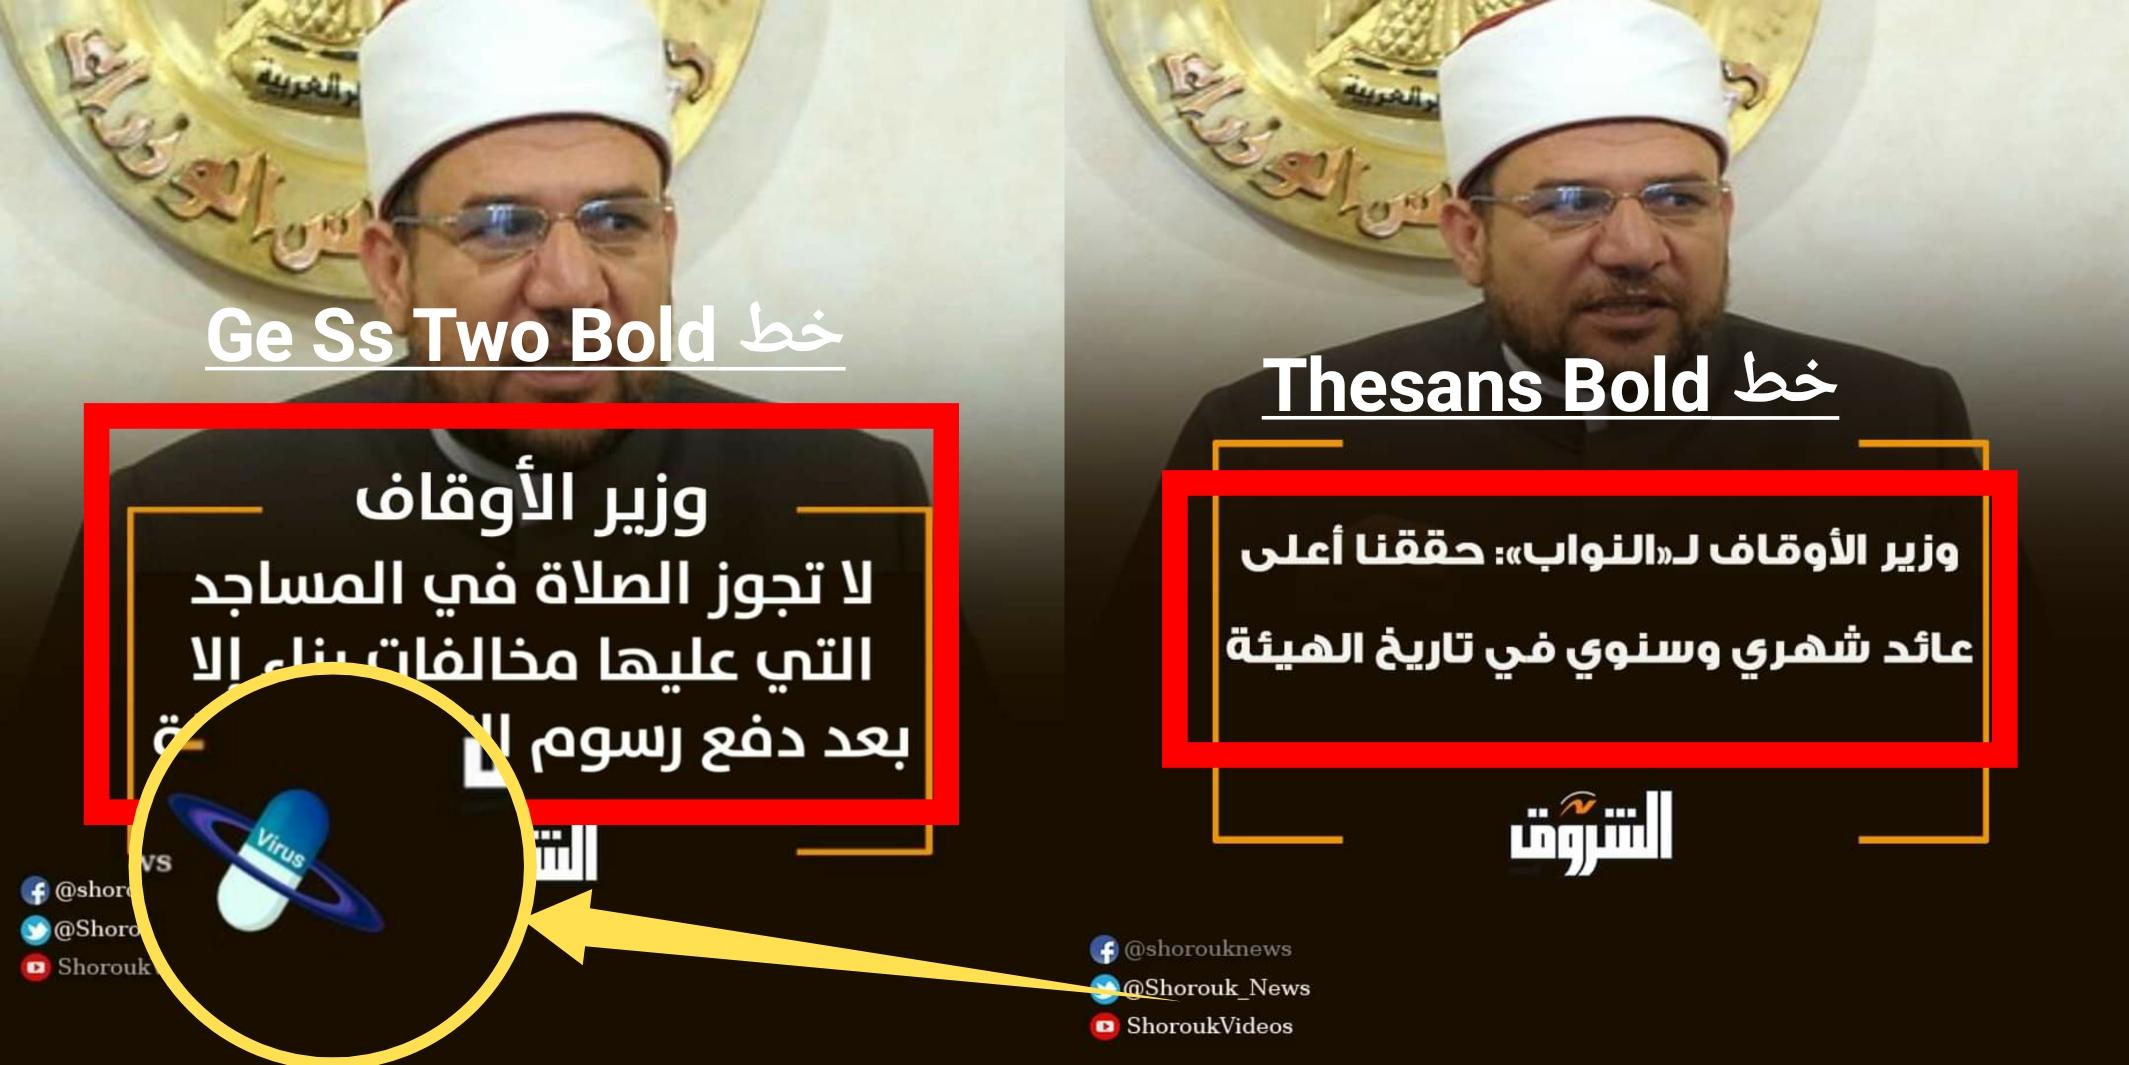 مقارنة بين أحد تصميمات صفحة جريدة الشروق (اليمين) والتصميم الذي يتم تناقله في الادعاء (اليسار)